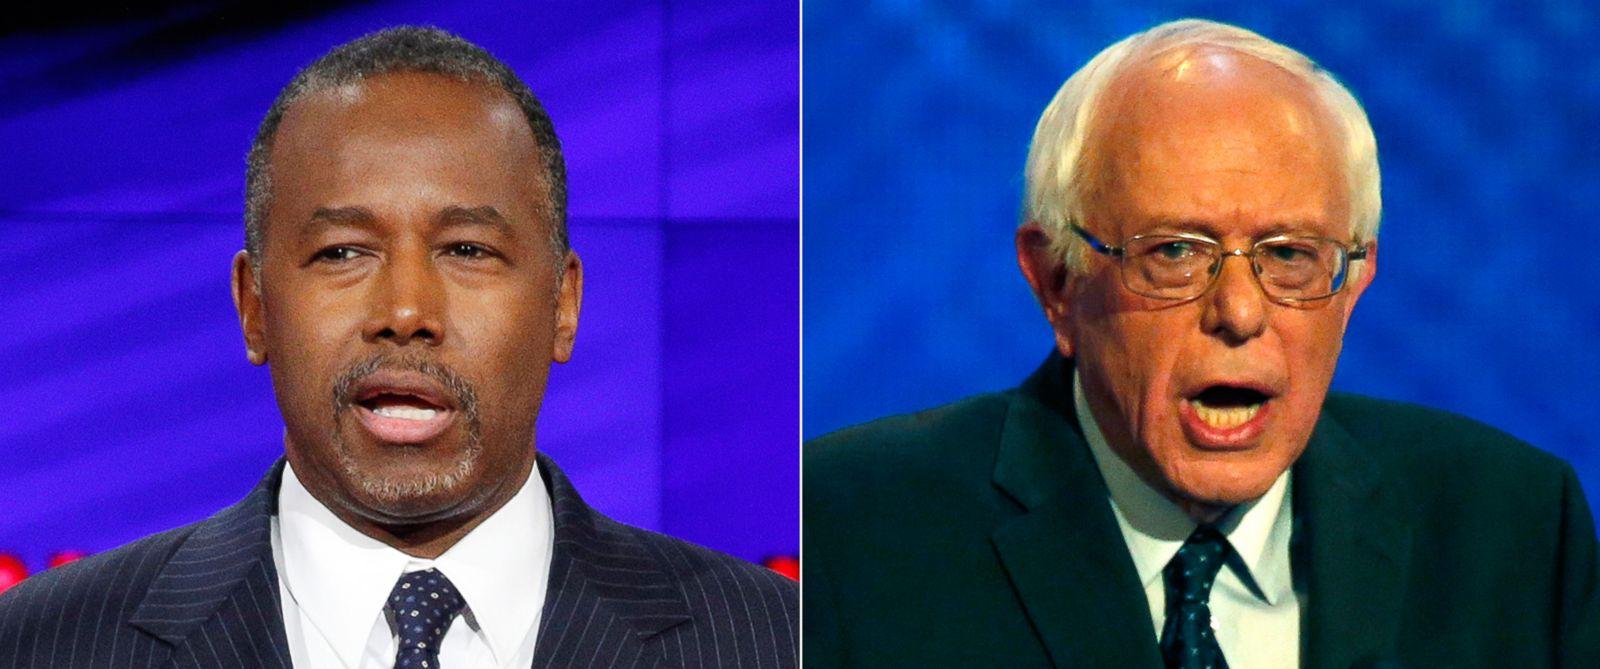 PHOTO: (L-R) Ben Carson speaks in Las Vegas, Dec. 15, 2015 and Bernie Sanders speaks in Manchester, N.H., Dec. 19, 2015.